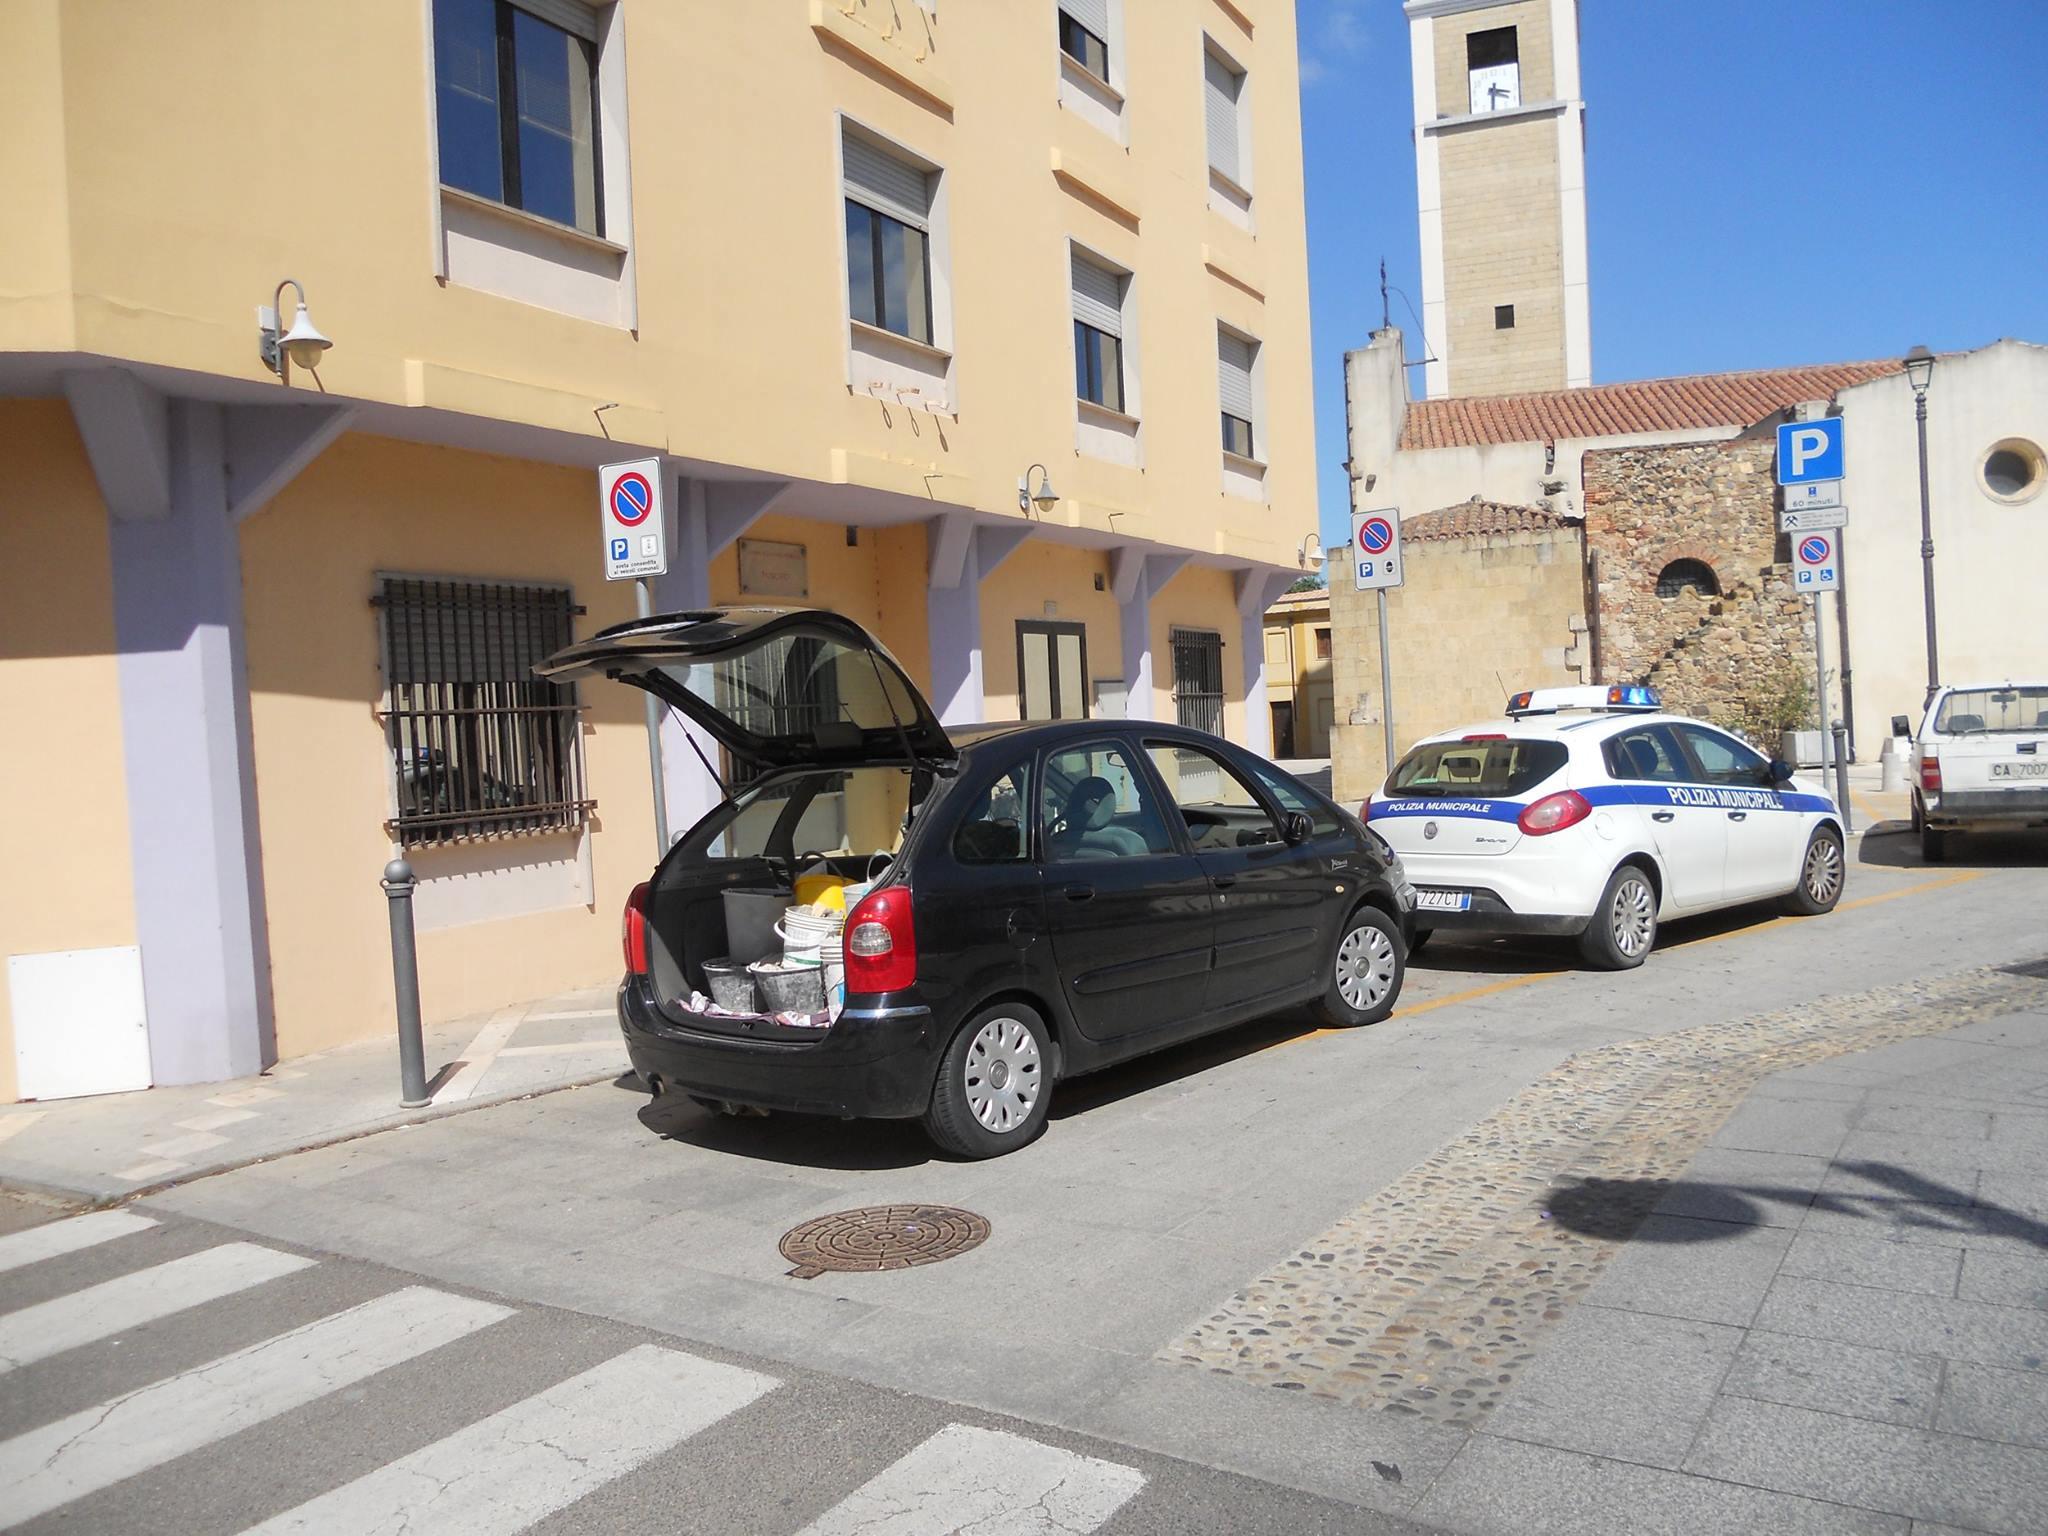 L'auto di Antonio Perra parcheggiata per protesta davanti al Municipio